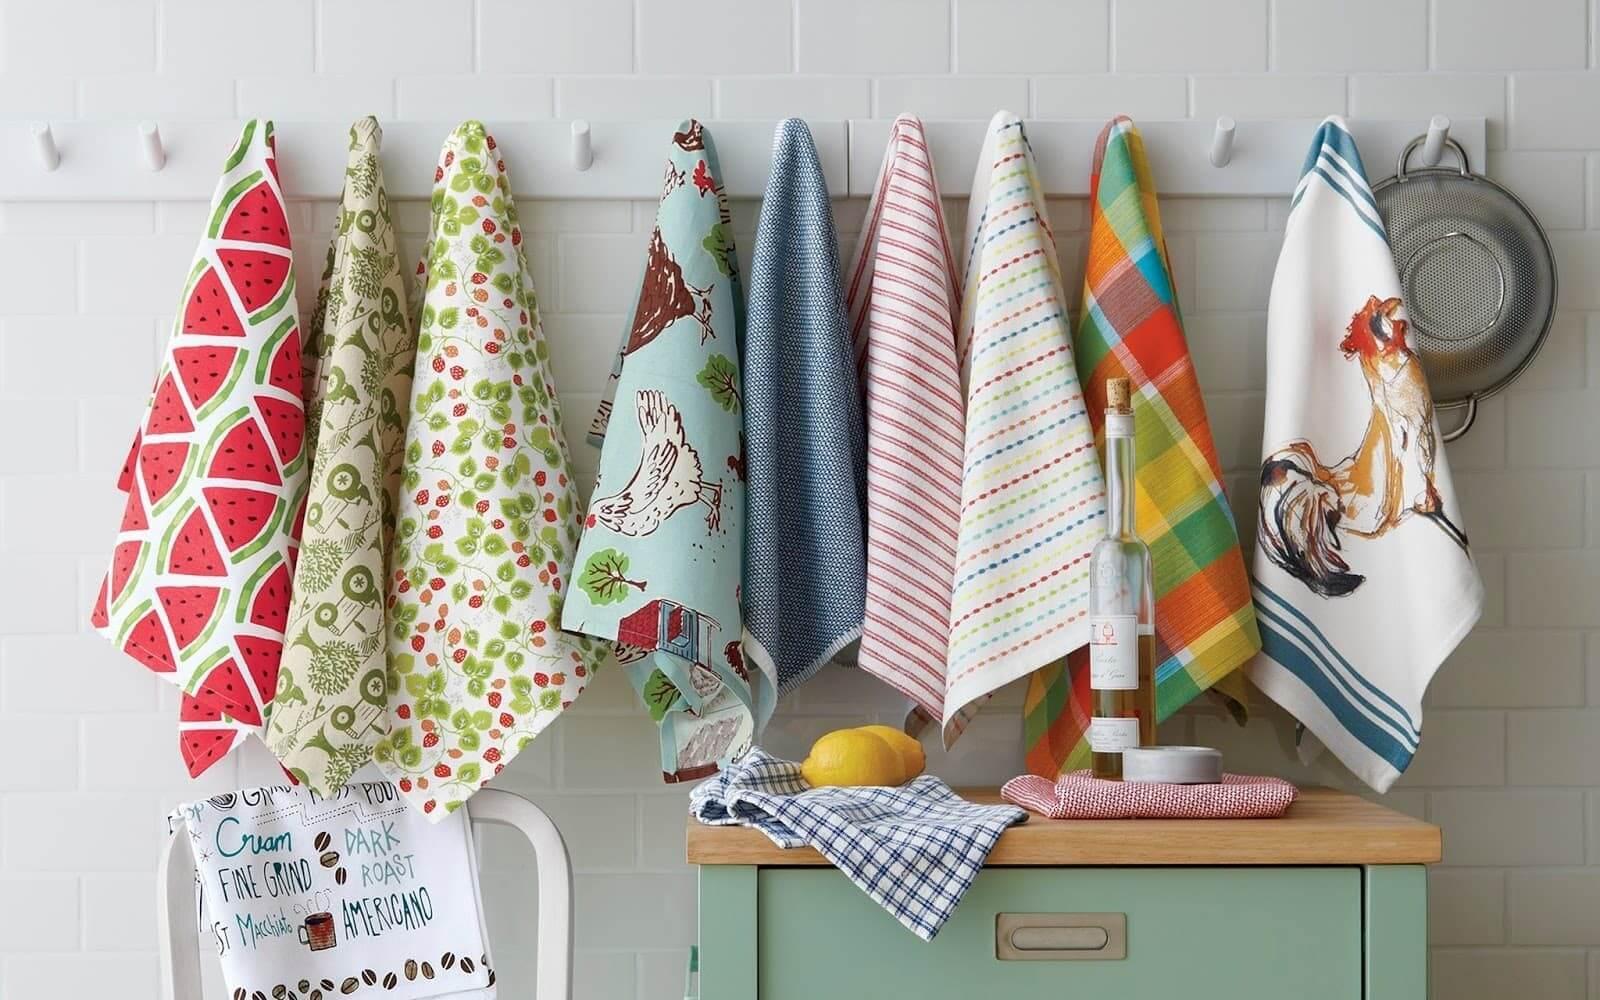 кухонные полотенца на гвоздике